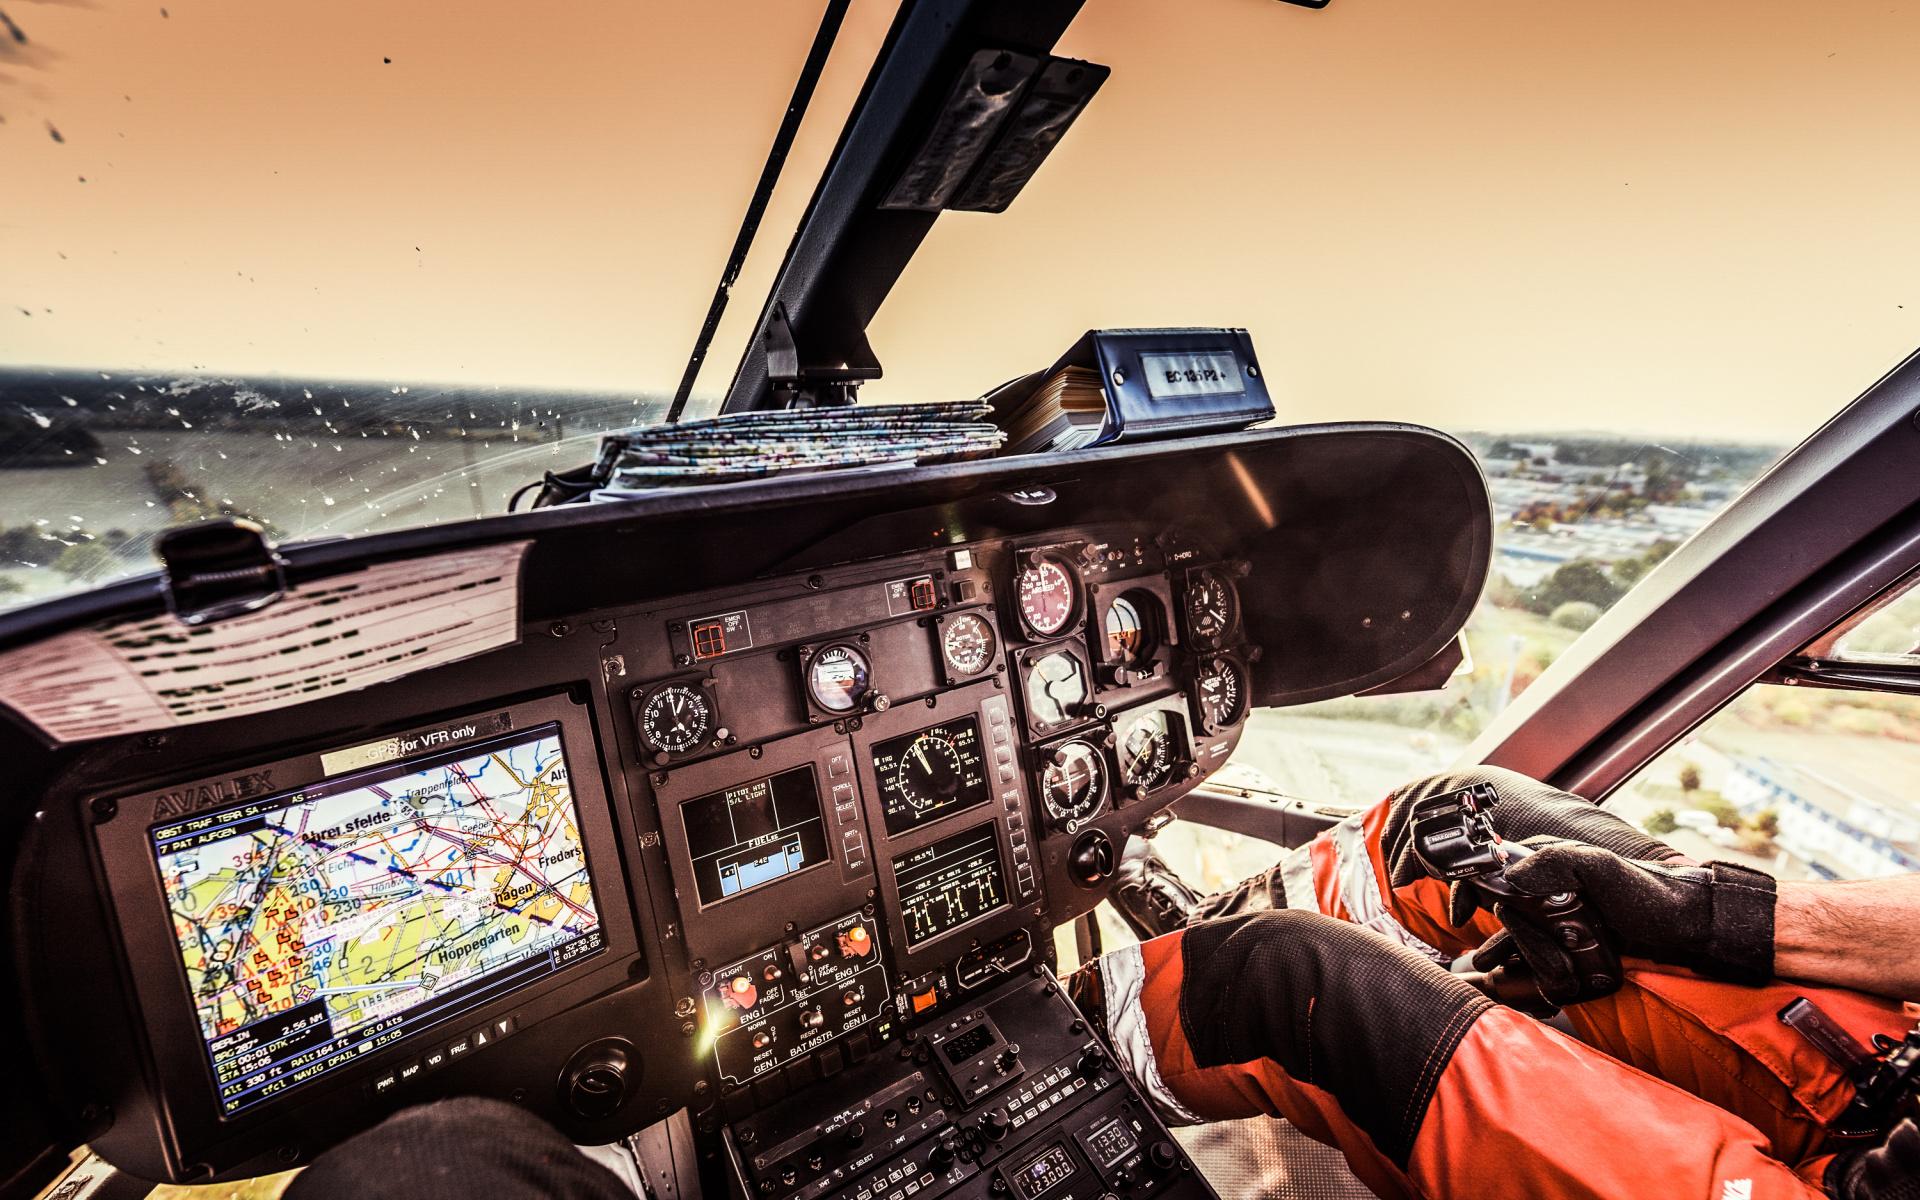 """Drei Luftretter sind an Bord von """"Christoph 49"""" im Einsatz: Ein Pilot, ein/e Notarzt/Notärztin und ein/e Notfallsanitäter/in mit der Zusatzausbildung zum HEMS TC (Helicopter Emergency Medical Services Technical Crew Member), der/die den Piloten bei der Navigation und der Luftraumbeobachtung unterstützt."""